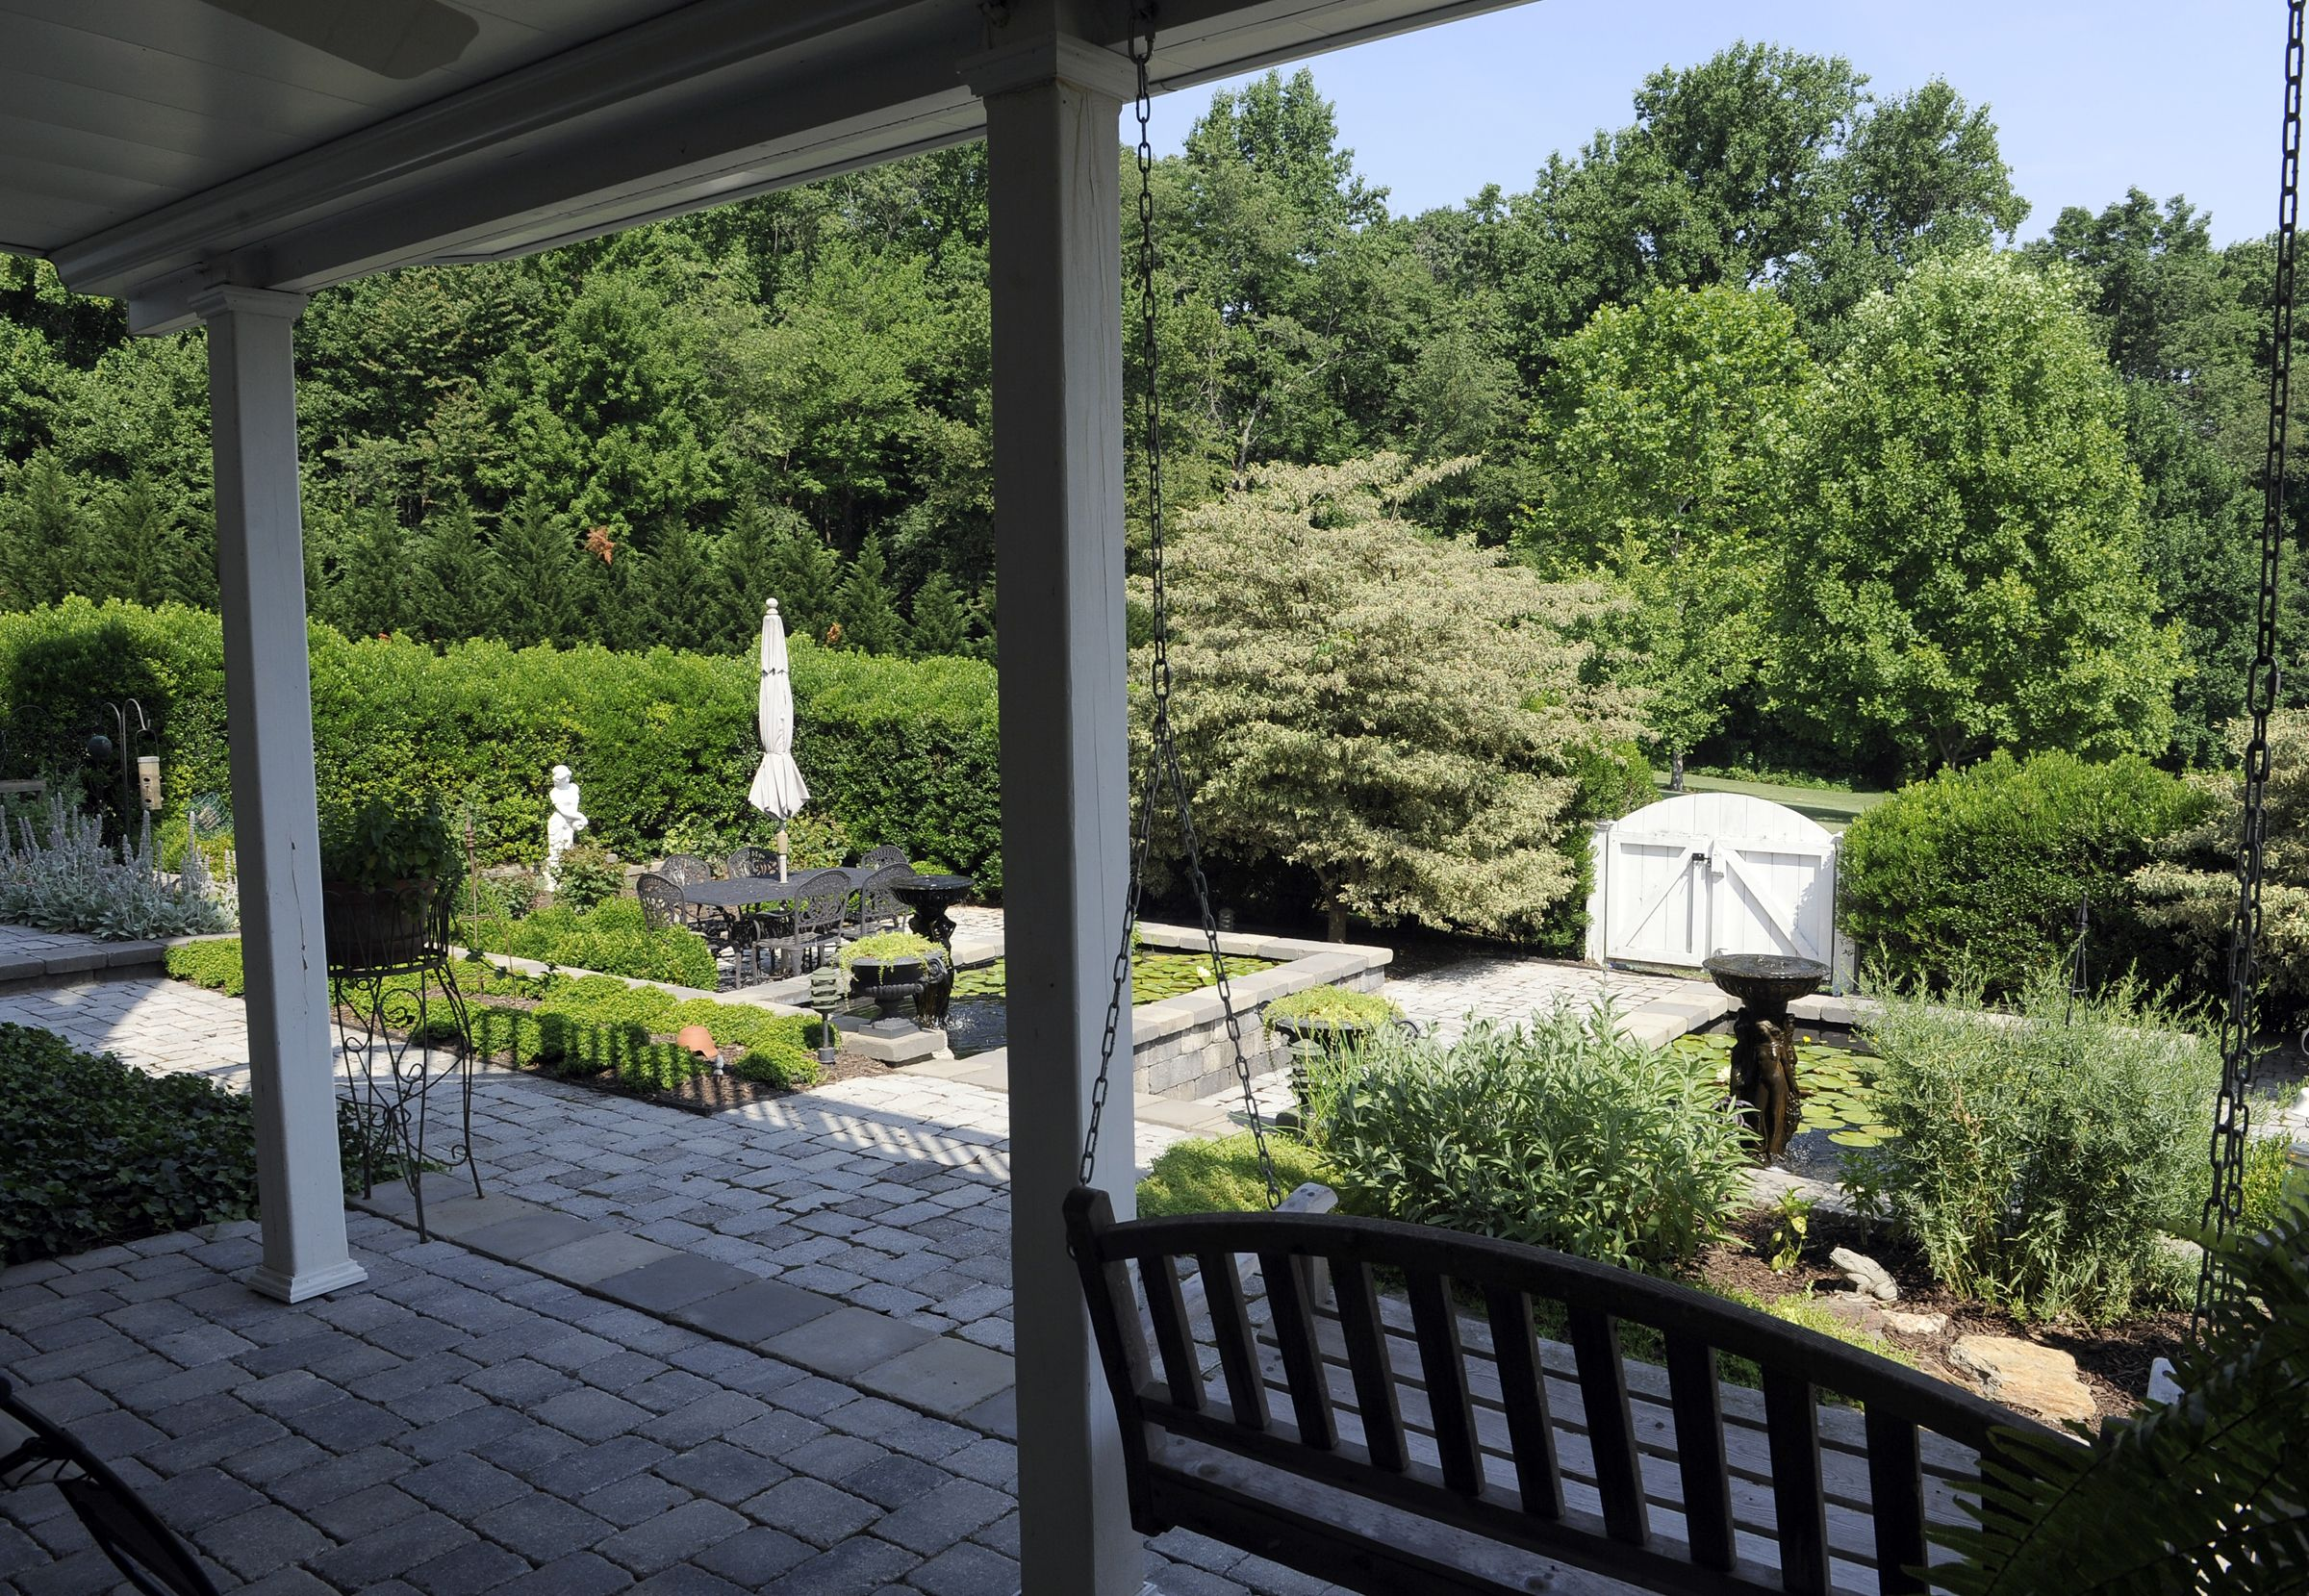 How this garden stay gorgeous year-round. #garden #gardening